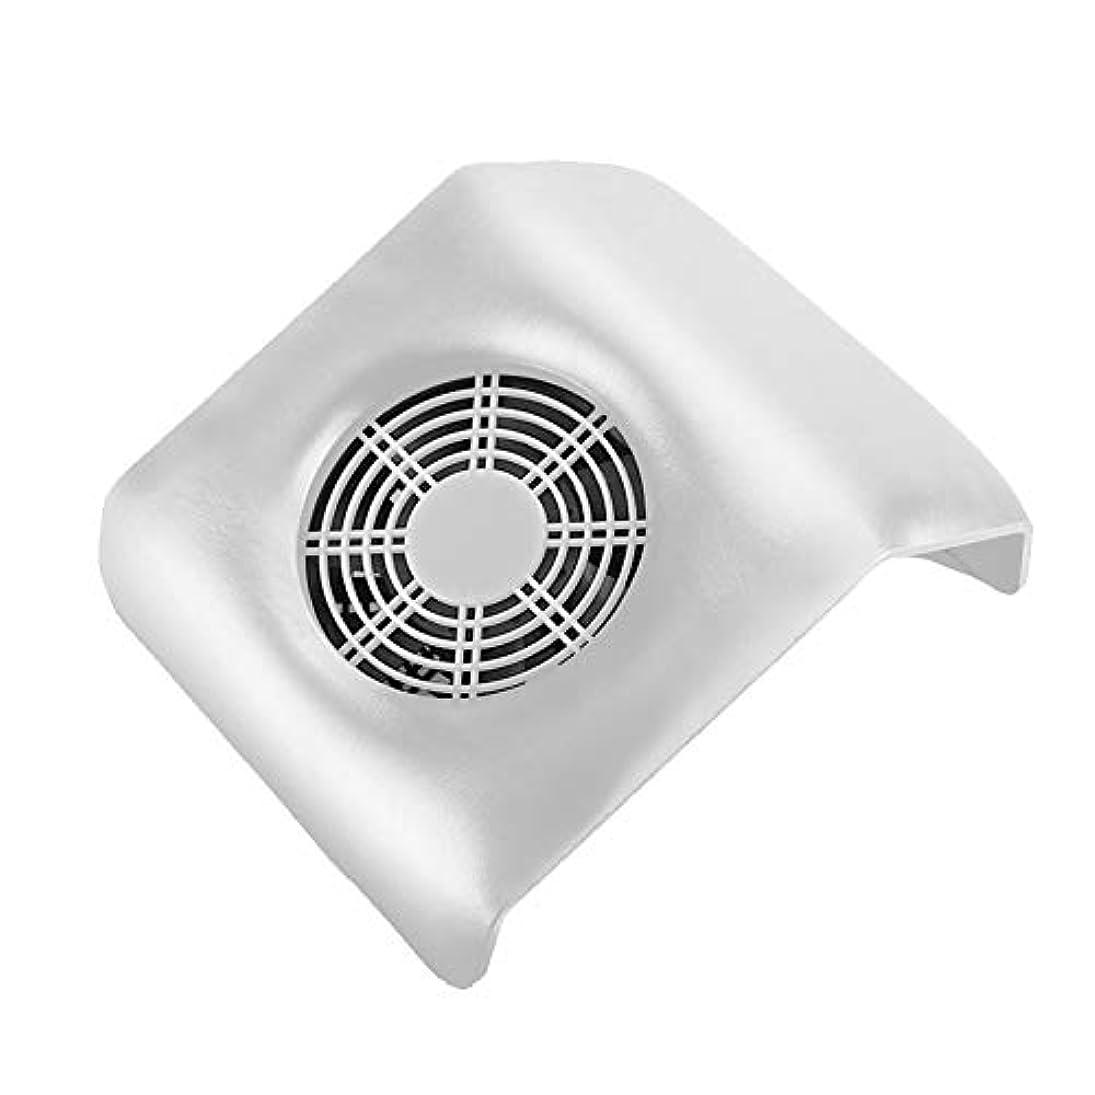 ネイル 集塵機 ネイルアート掃除機 ネイルマシン ネイルダスト ダストクリーナー ネイル機器 集塵バッグ付き ホワイト